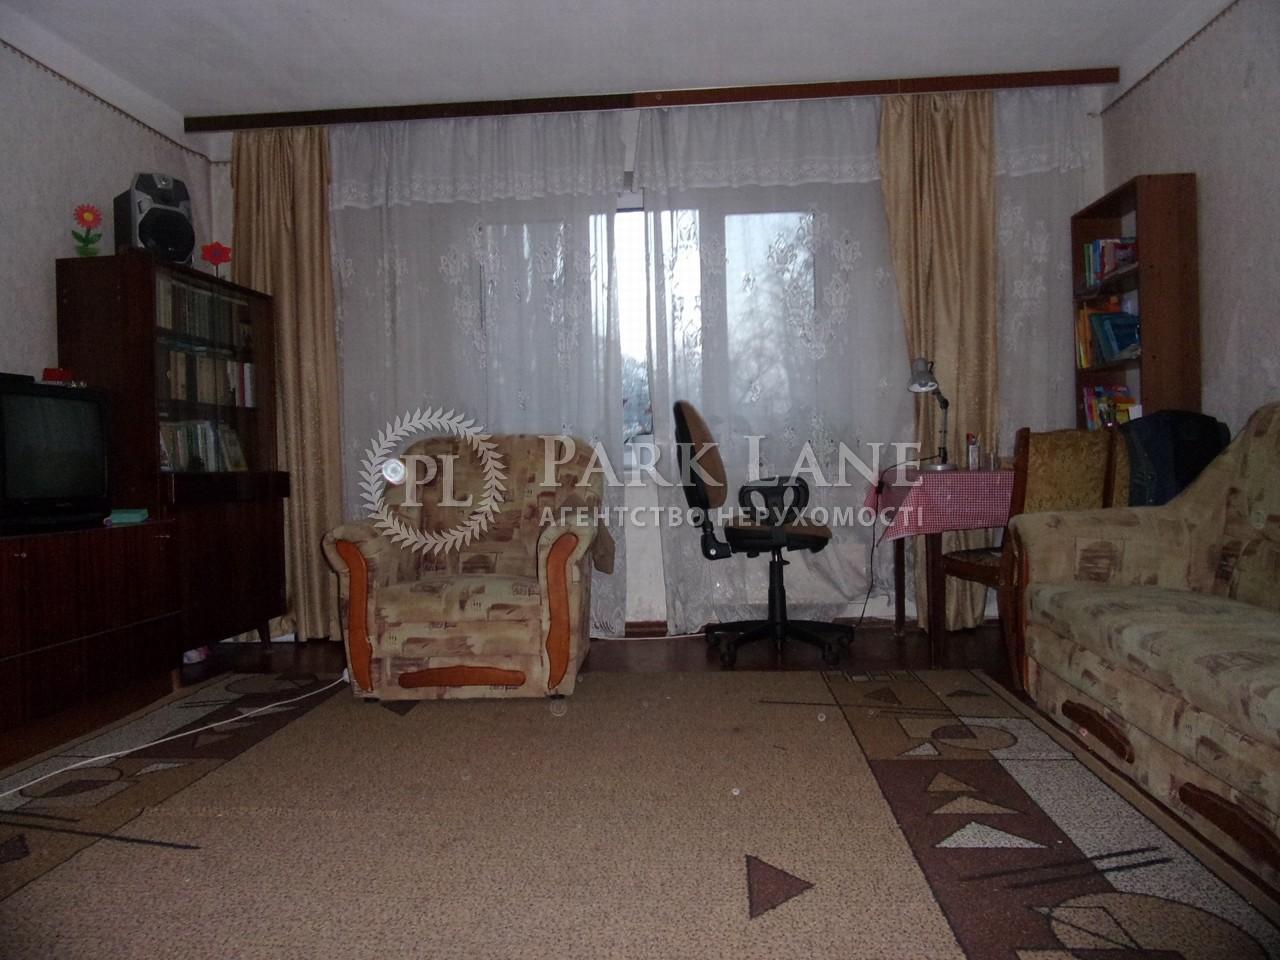 Нежилое помещение, ул. Ивашкевича Ярослава, Киев, Z-266167 - Фото 4